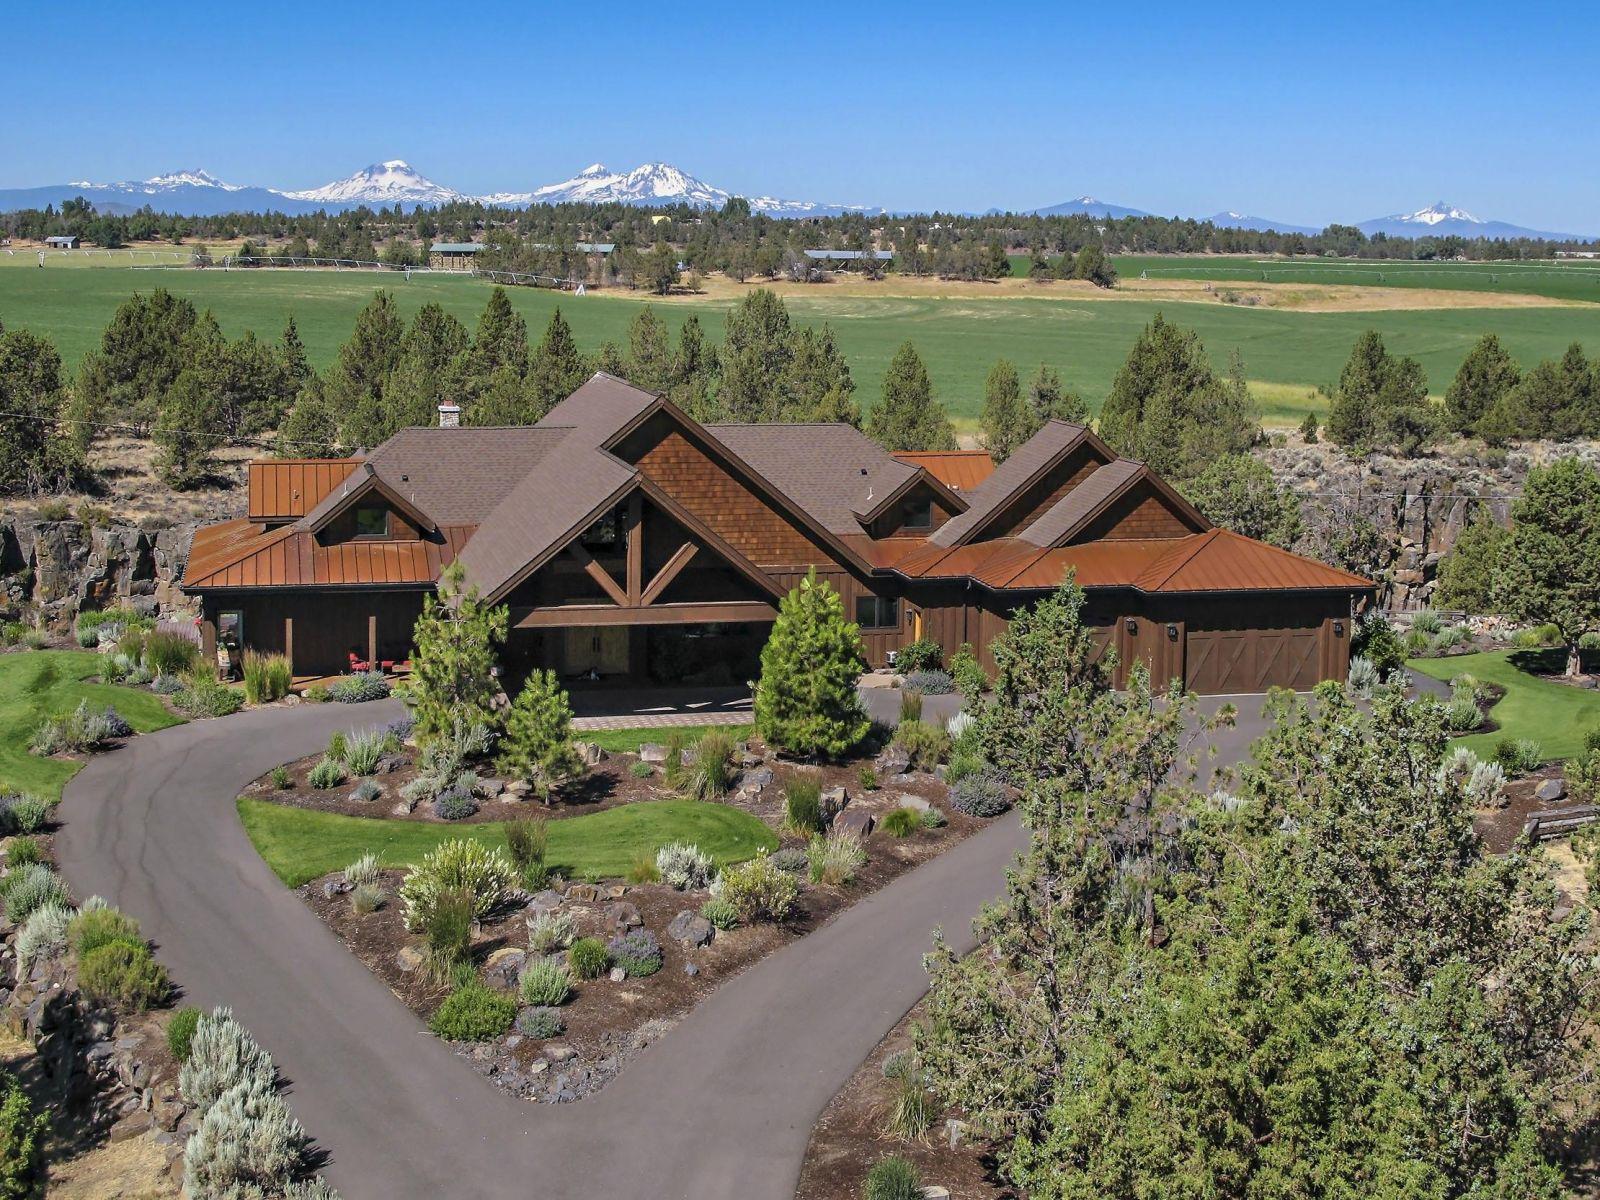 独户住宅 为 销售 在 5301 Lone Pine 5301 NW Lone Pine Rd Terrebonne, 俄勒冈州 97760 美国